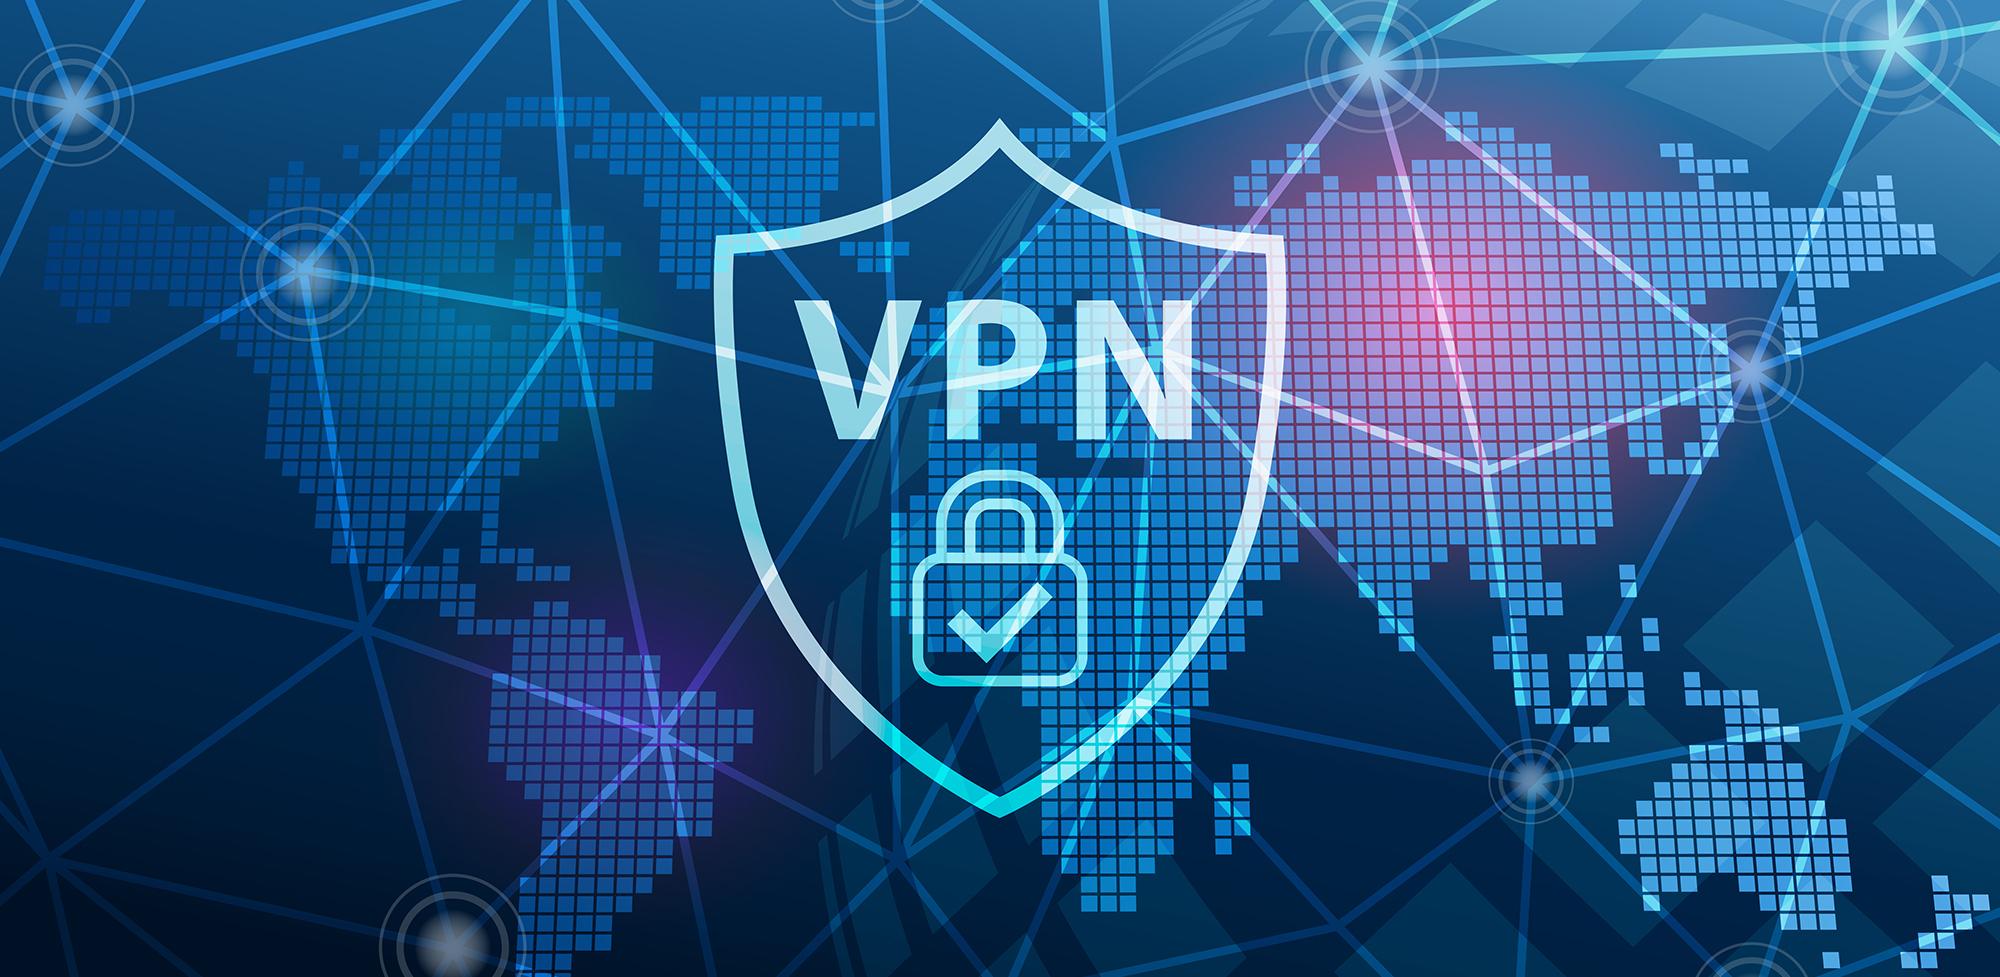 Роскомнадзор заинтересовался компаниями, использующими VPN